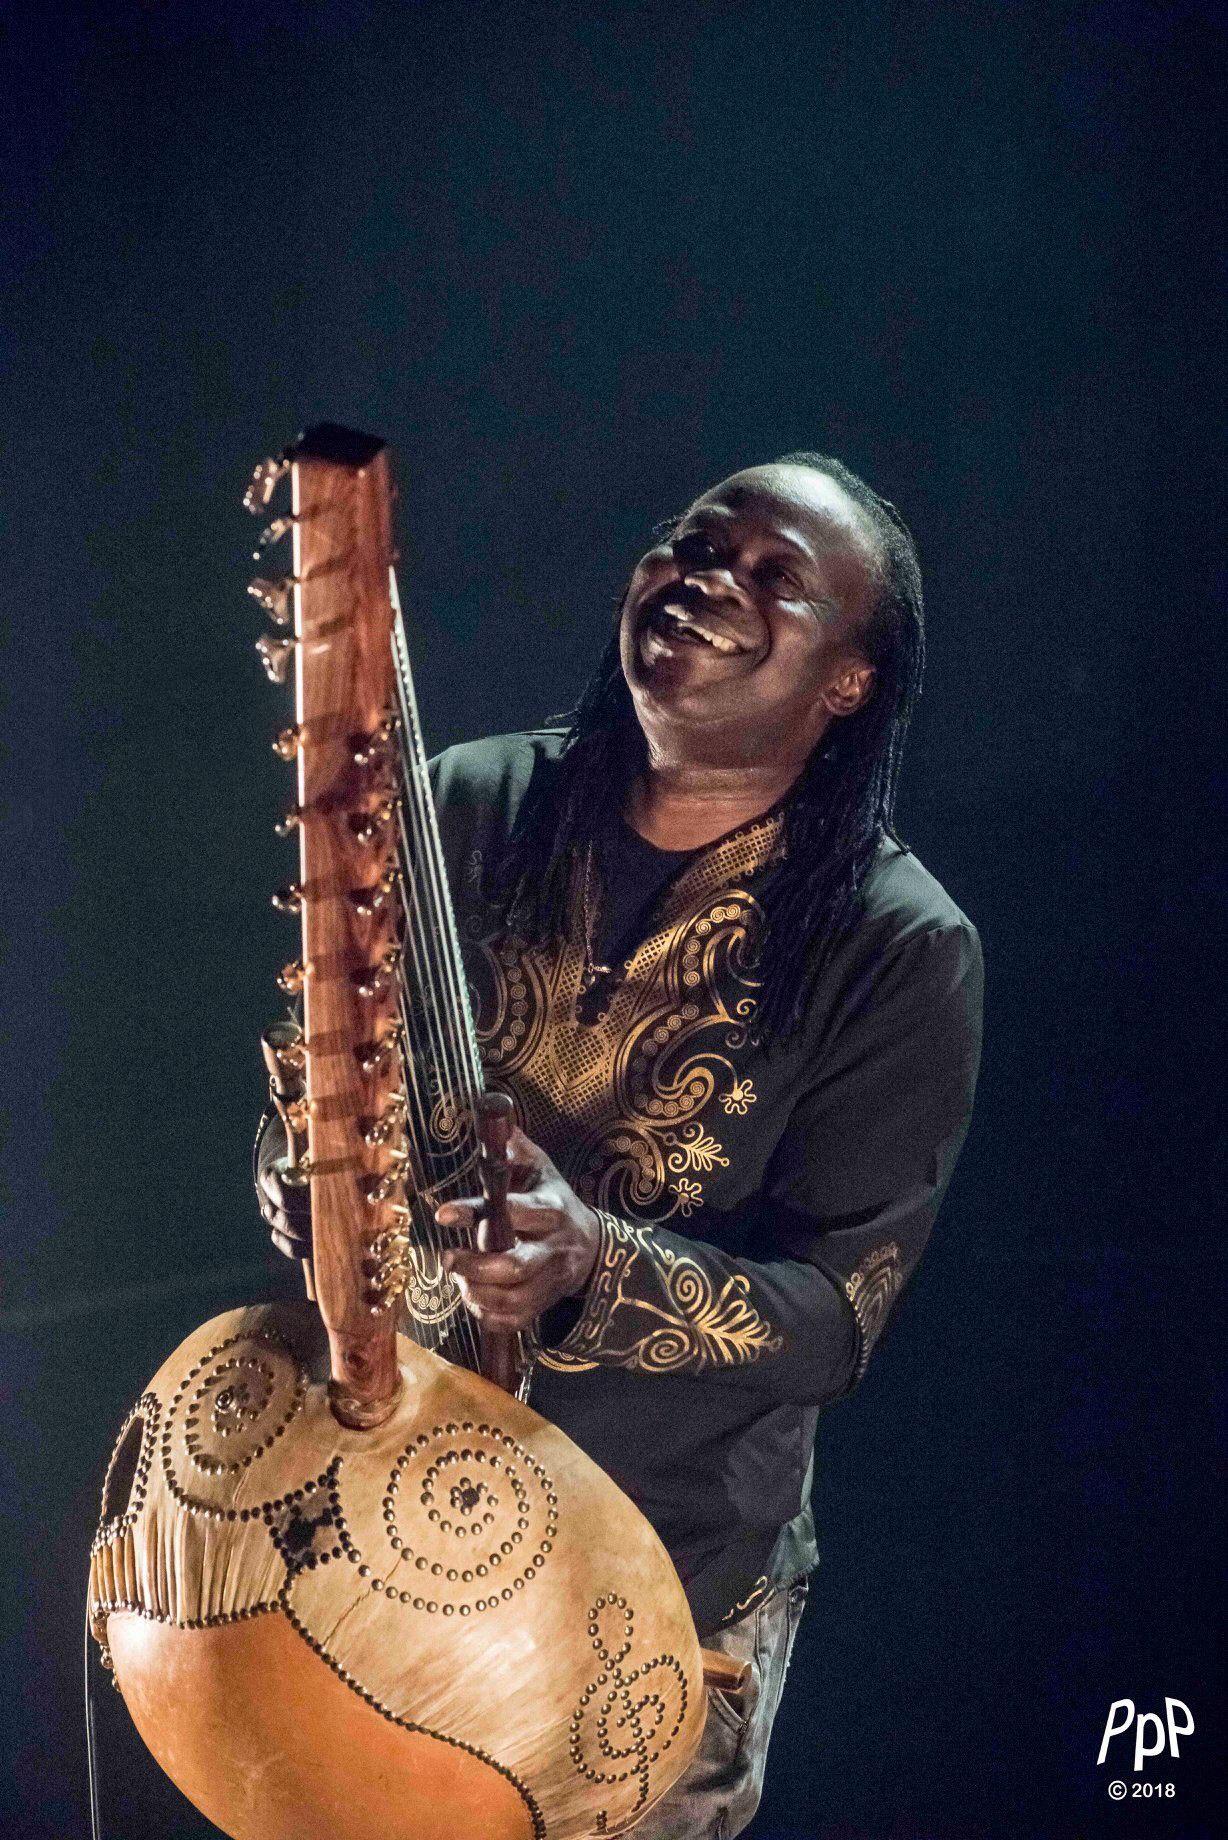 Zal Sissokho - Canada/Senegal     International artist, musician - singer - songwriter